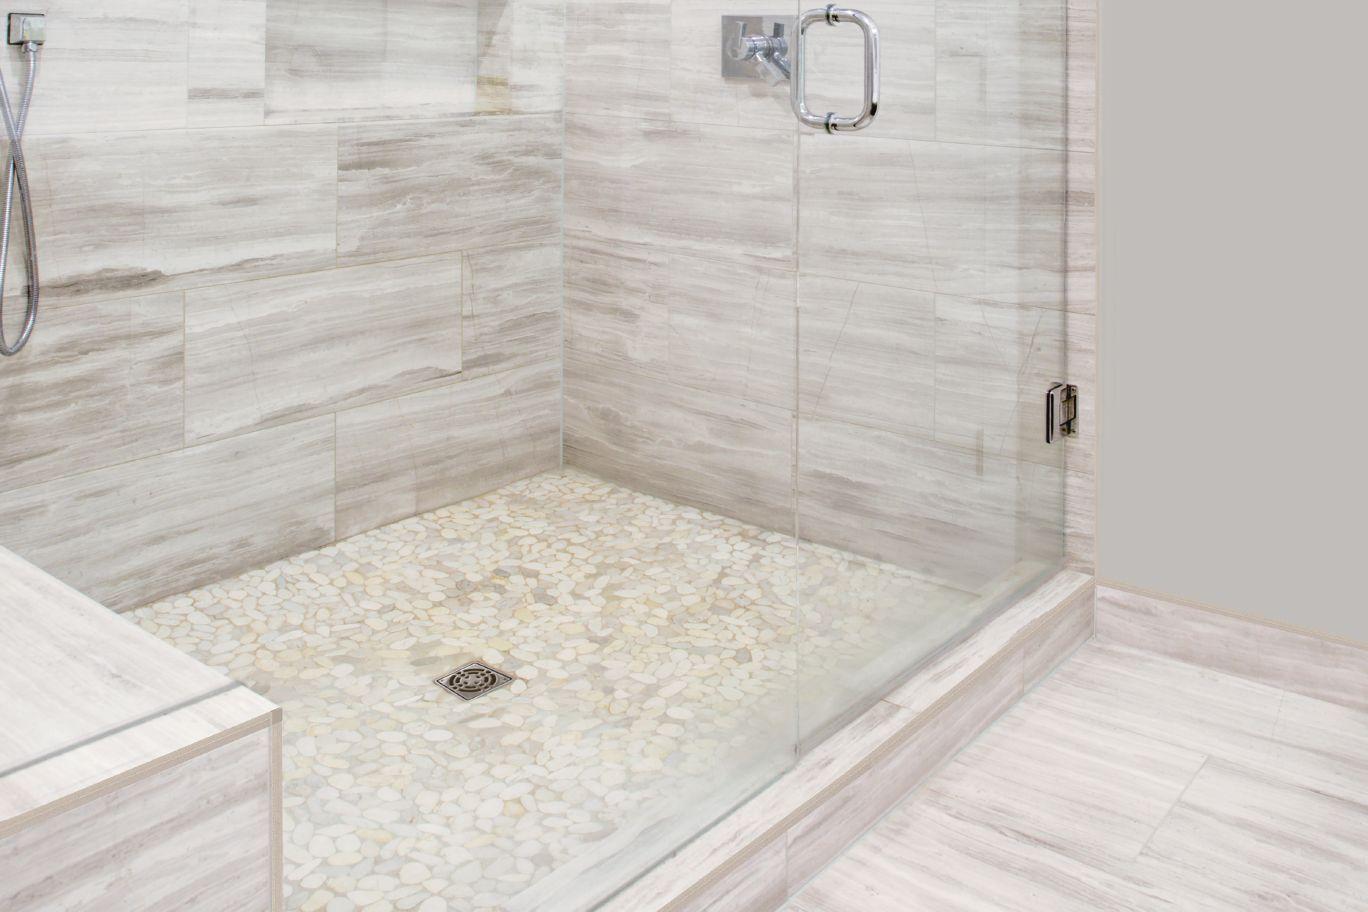 Kerdi Shower Kit Bathroom Shower Tile Shower Tile Bathroom